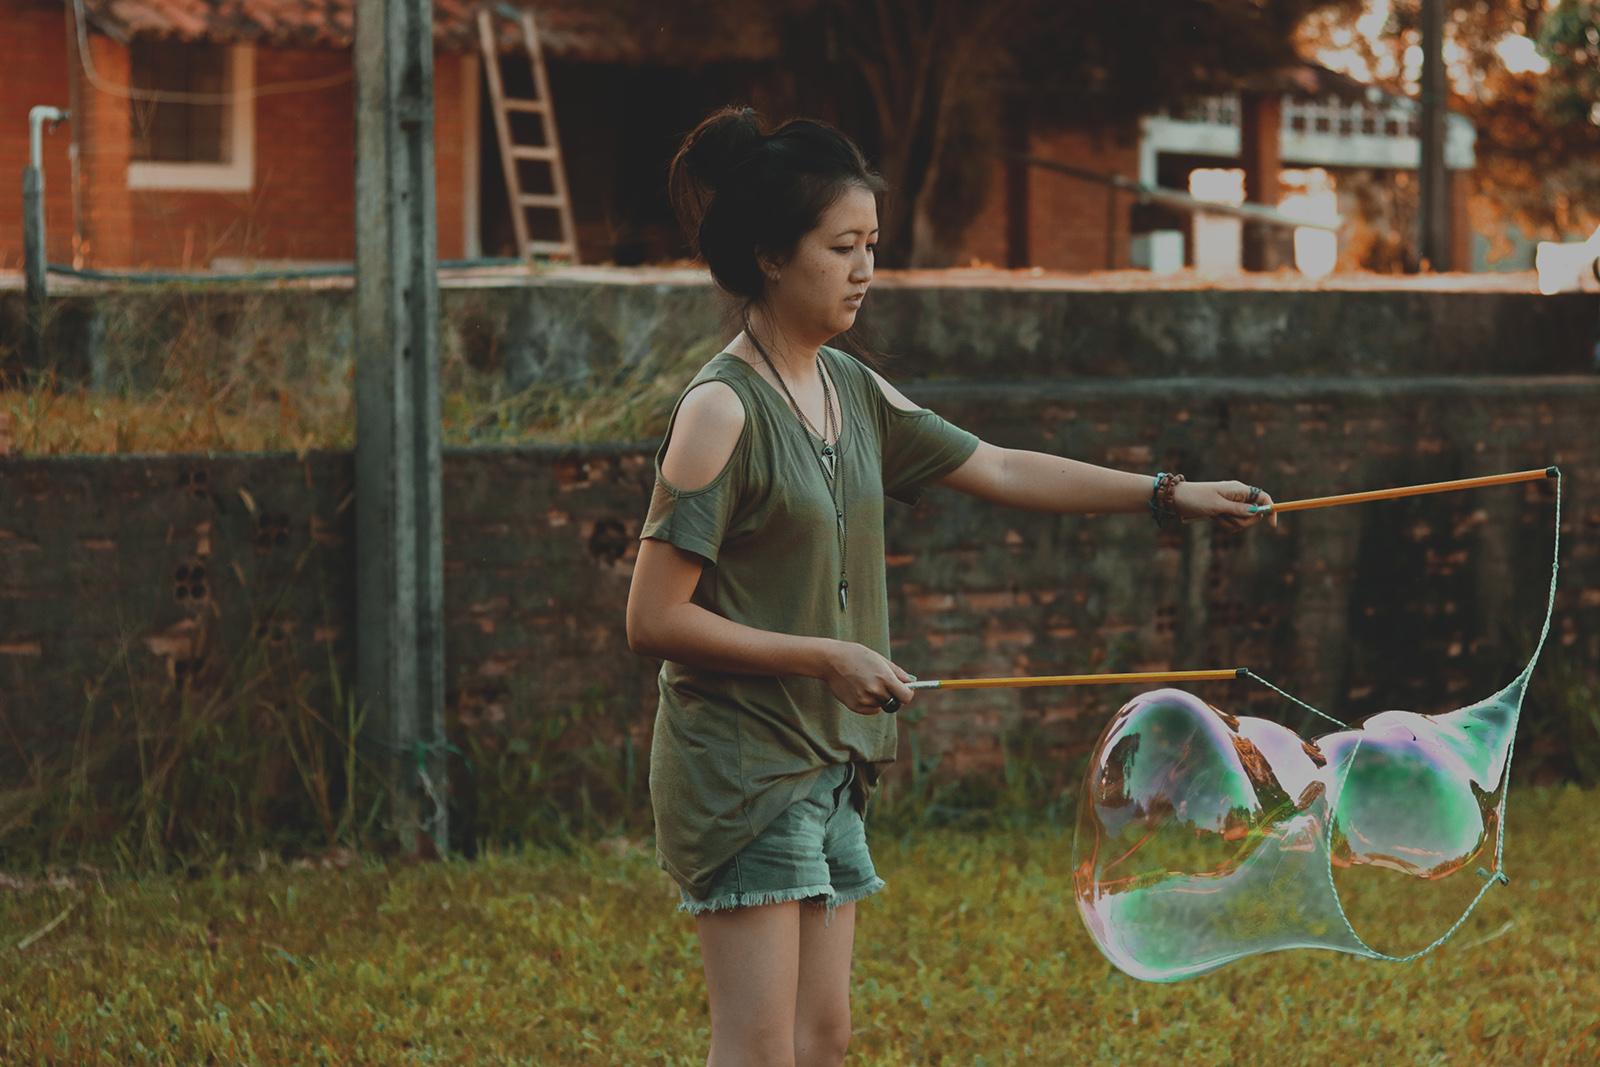 fazendo bolhas de sabão gigantes